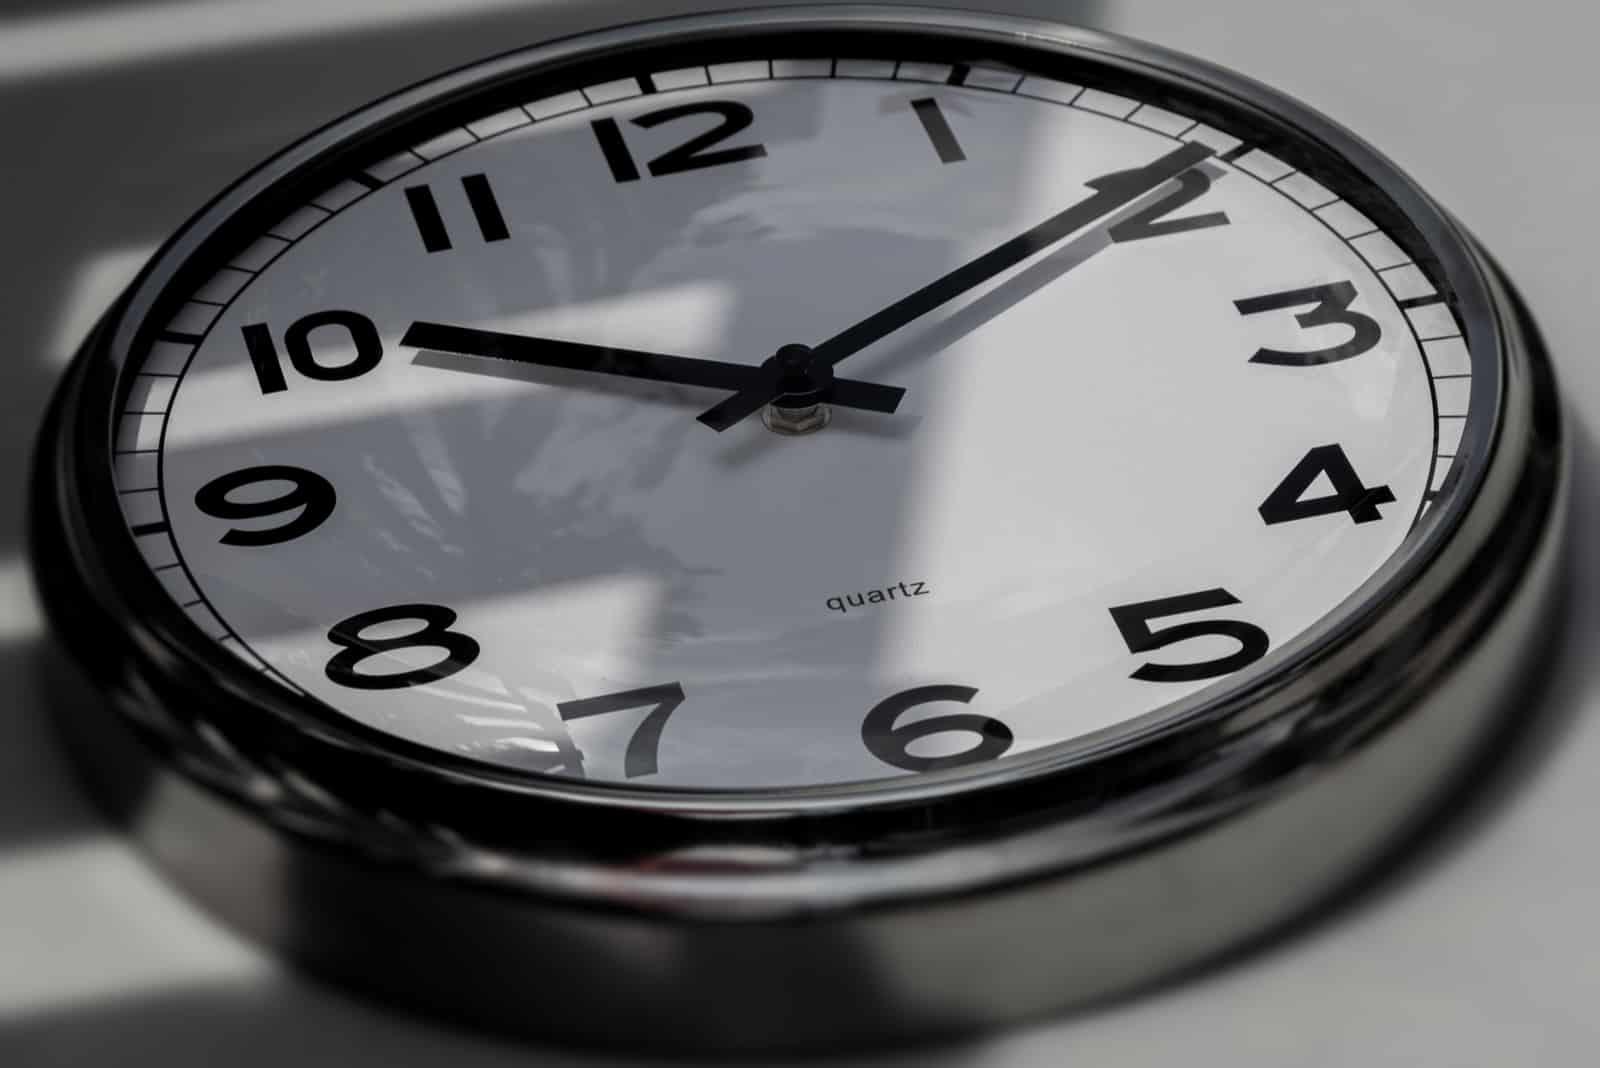 schwarze Uhr auf grauem Hintergrund